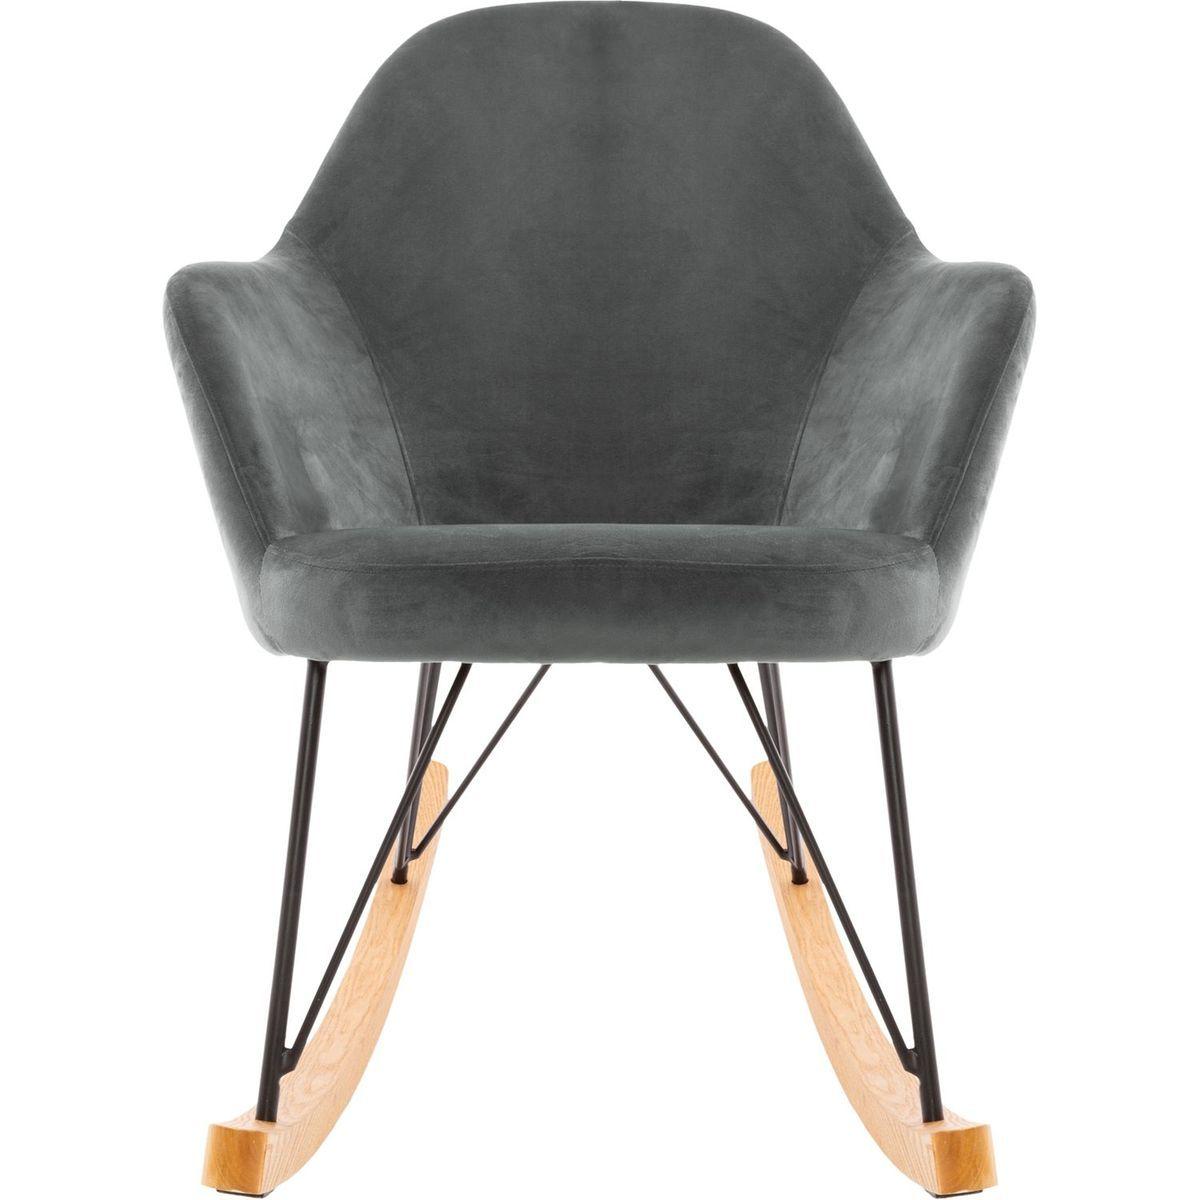 Unique TailleTaille Gris Velour Chair En Rocking Ewan b6gY7yf